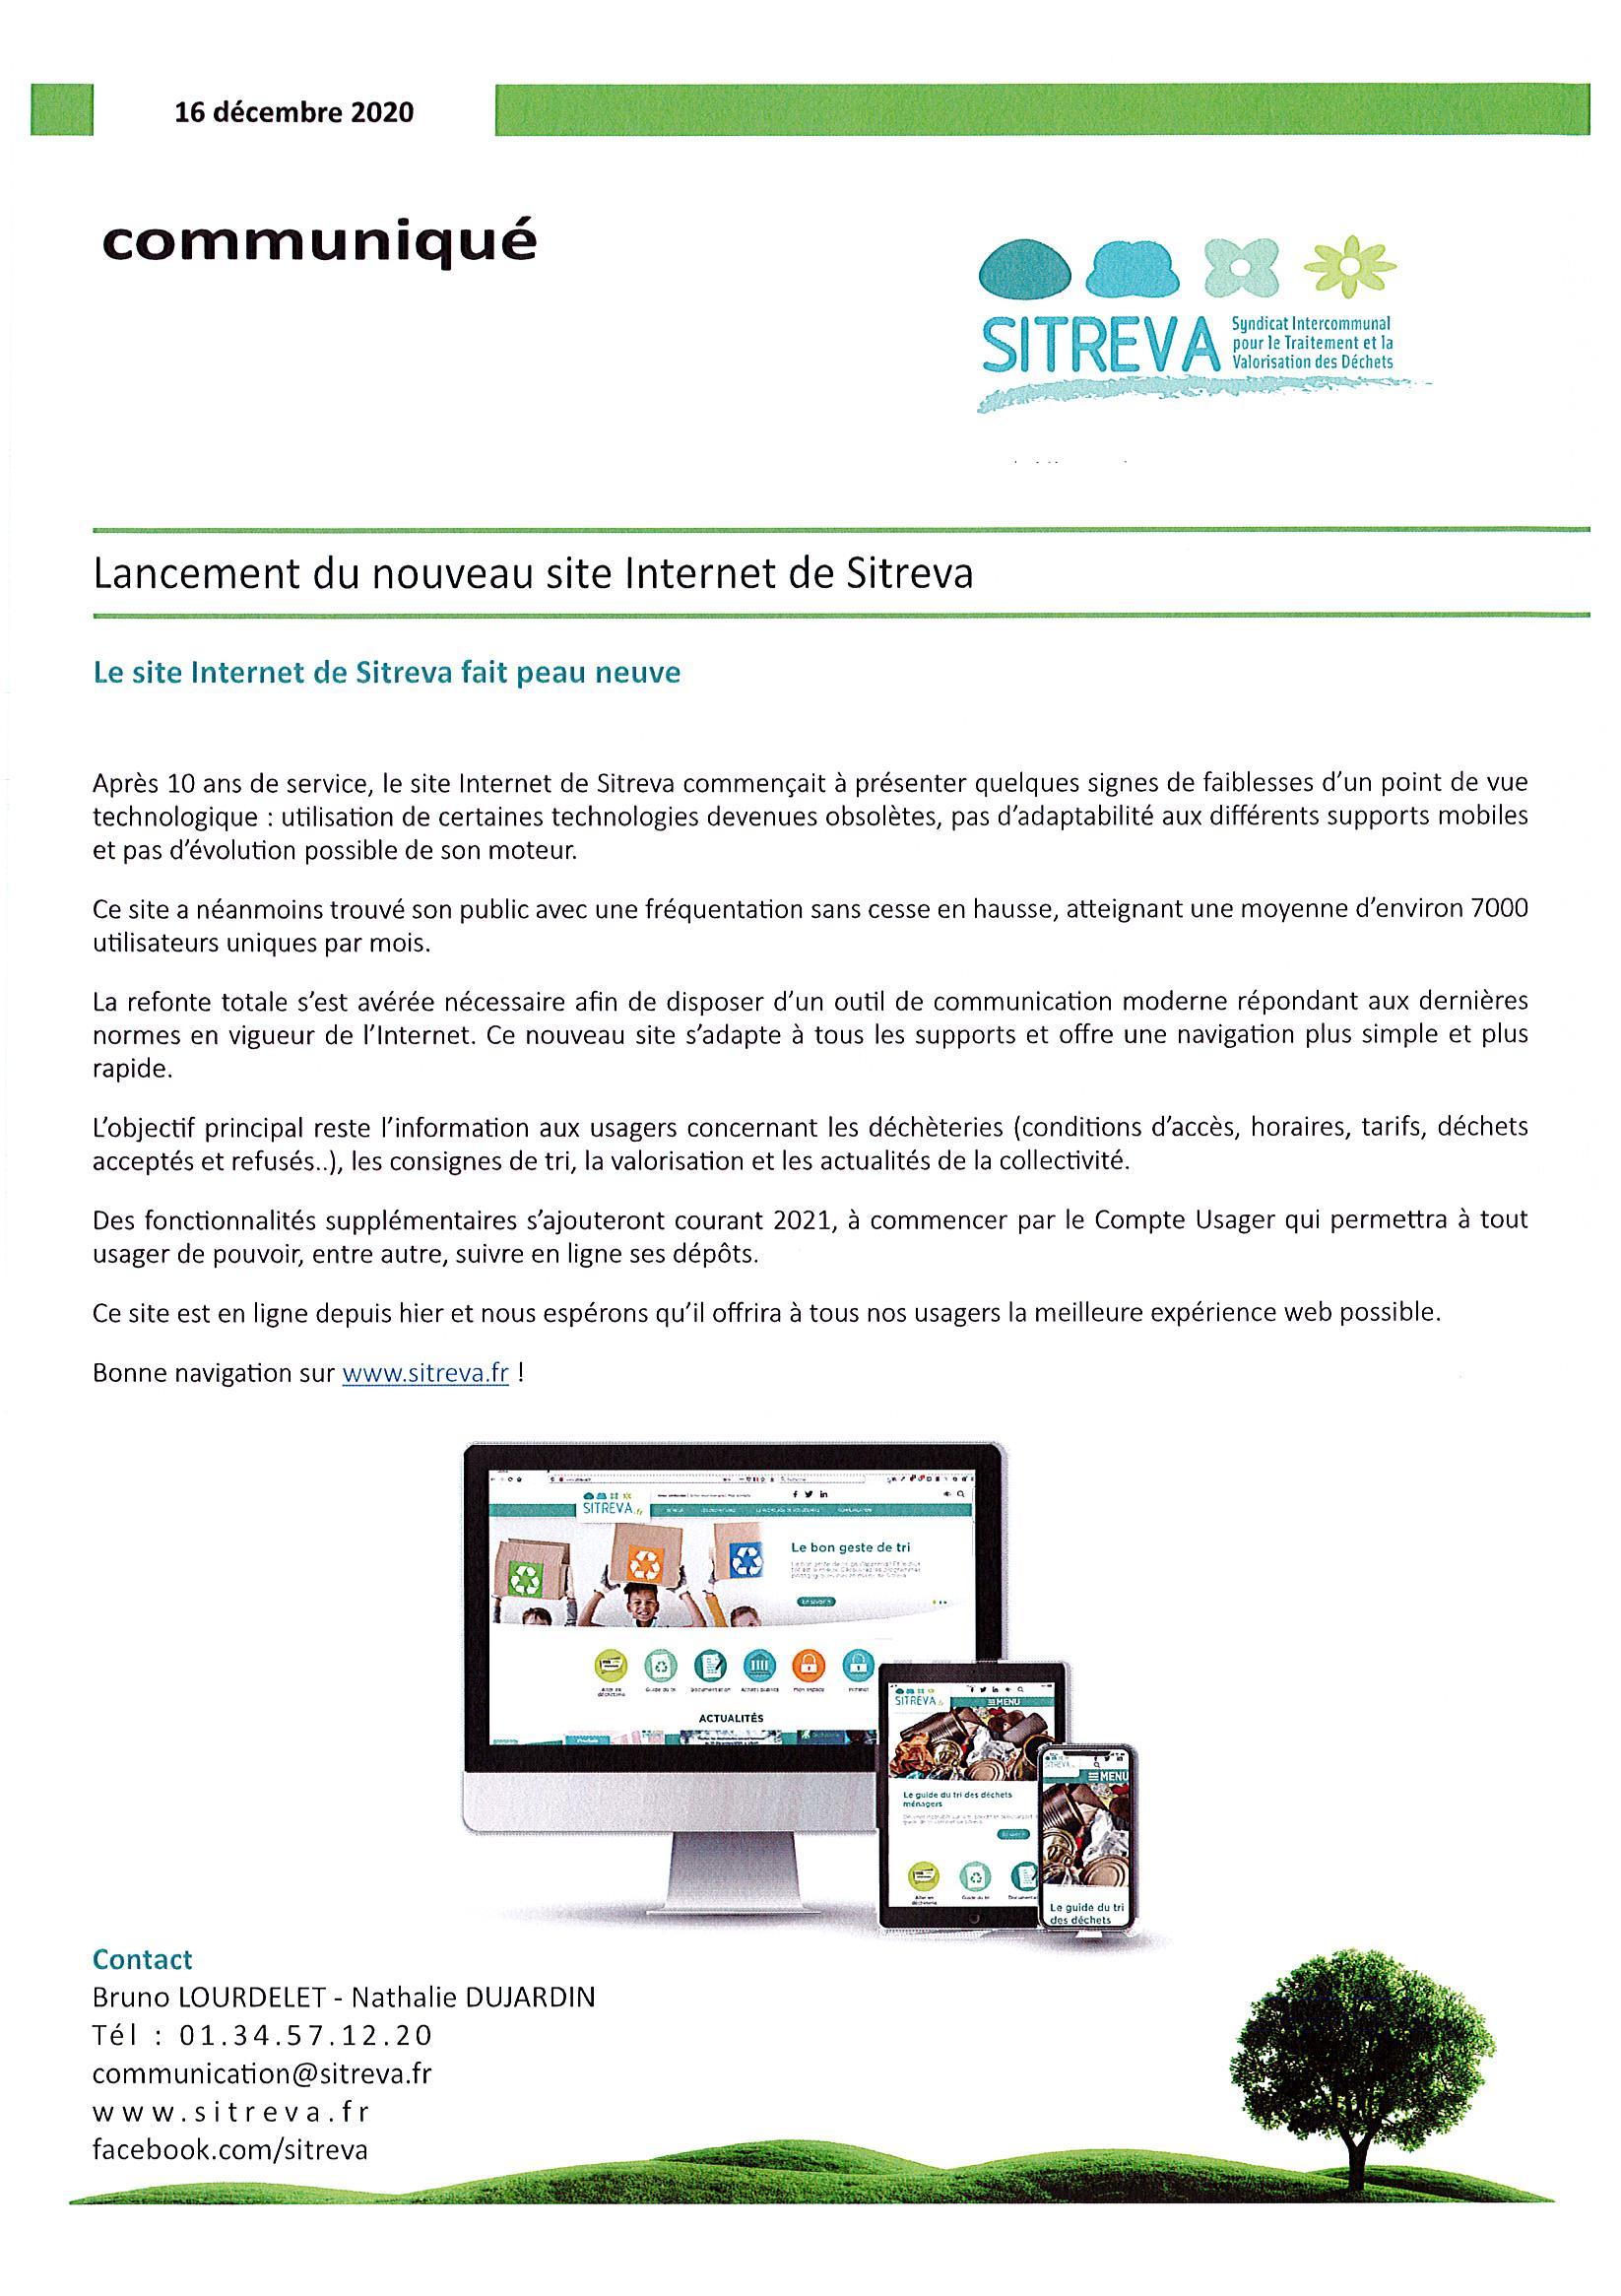 Communiqué Sitreva